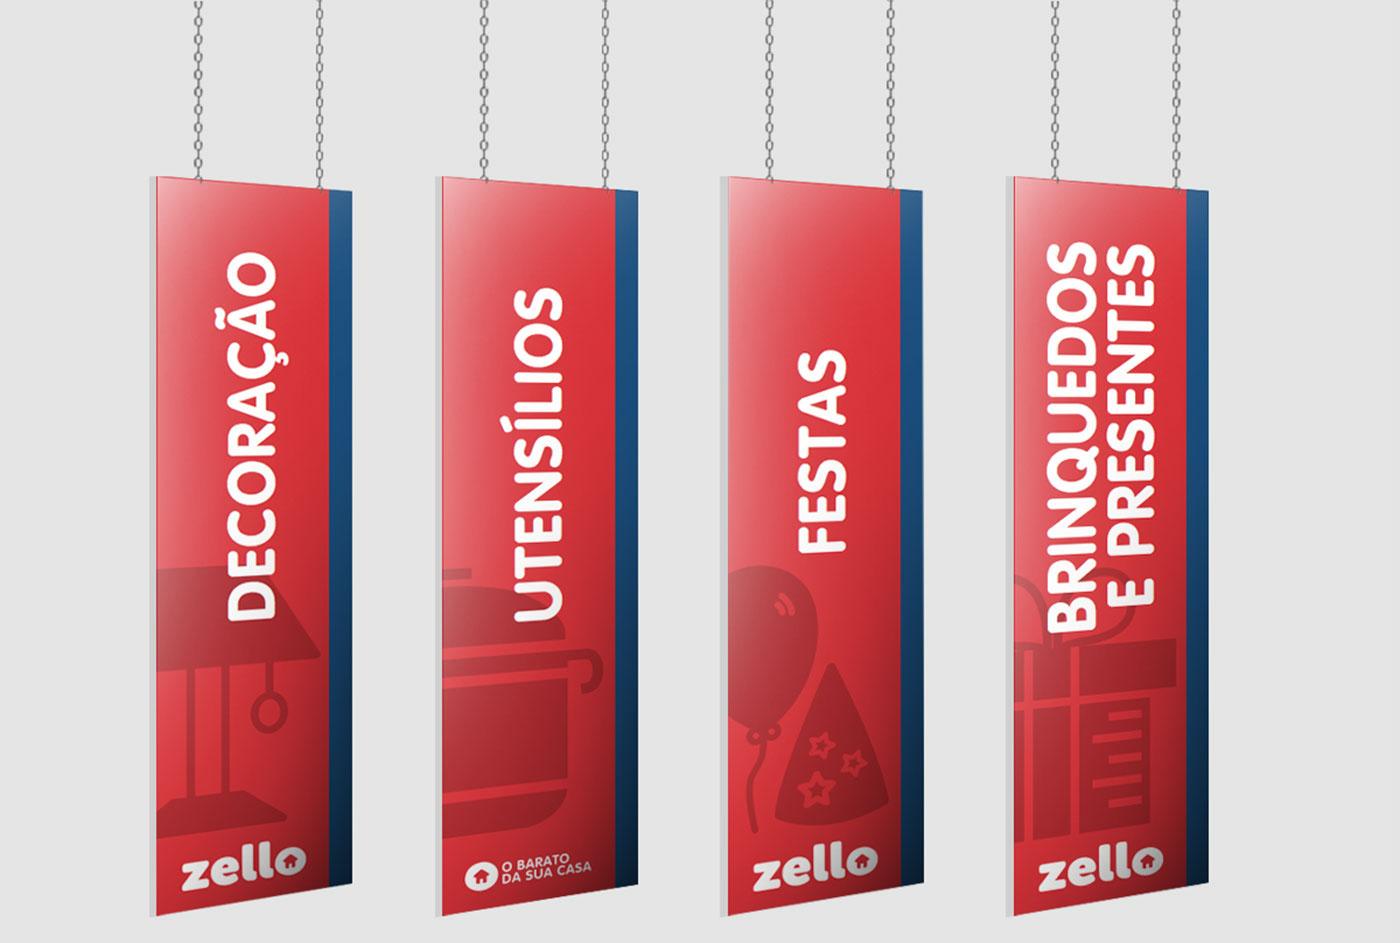 varejo,loja,variedades,casa,Corporate Identity